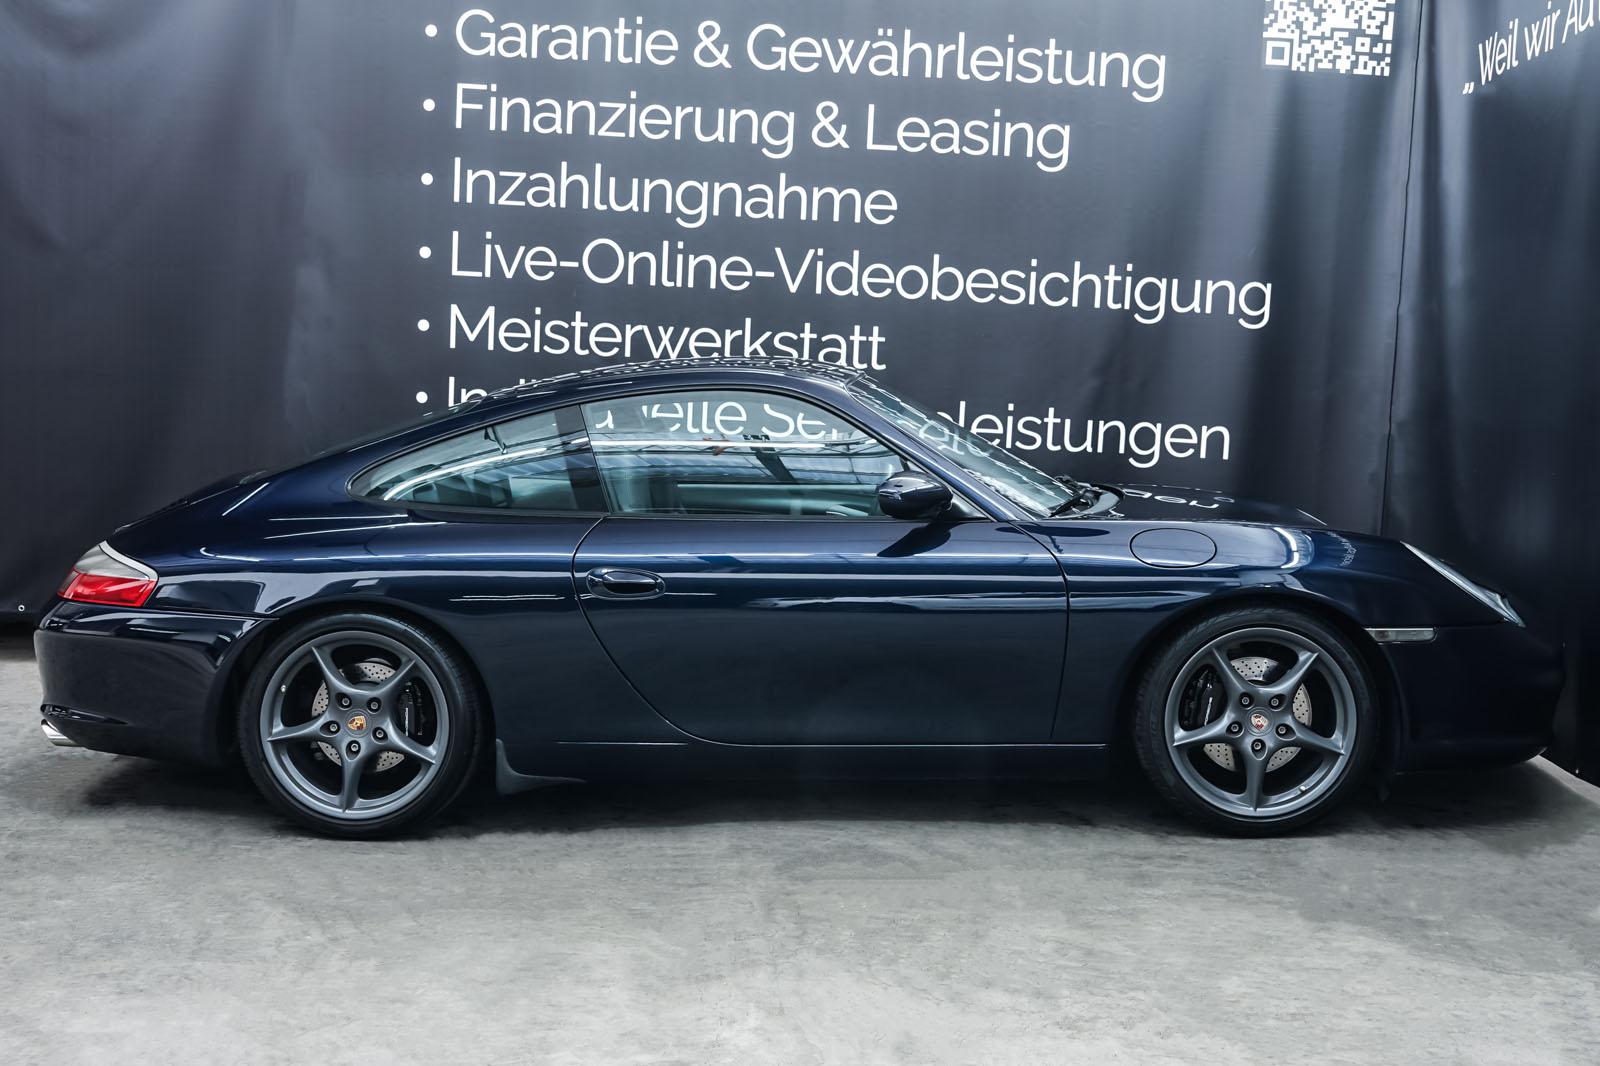 Porsche_996_Dunkelblau_Grau_POR-4337_15_w